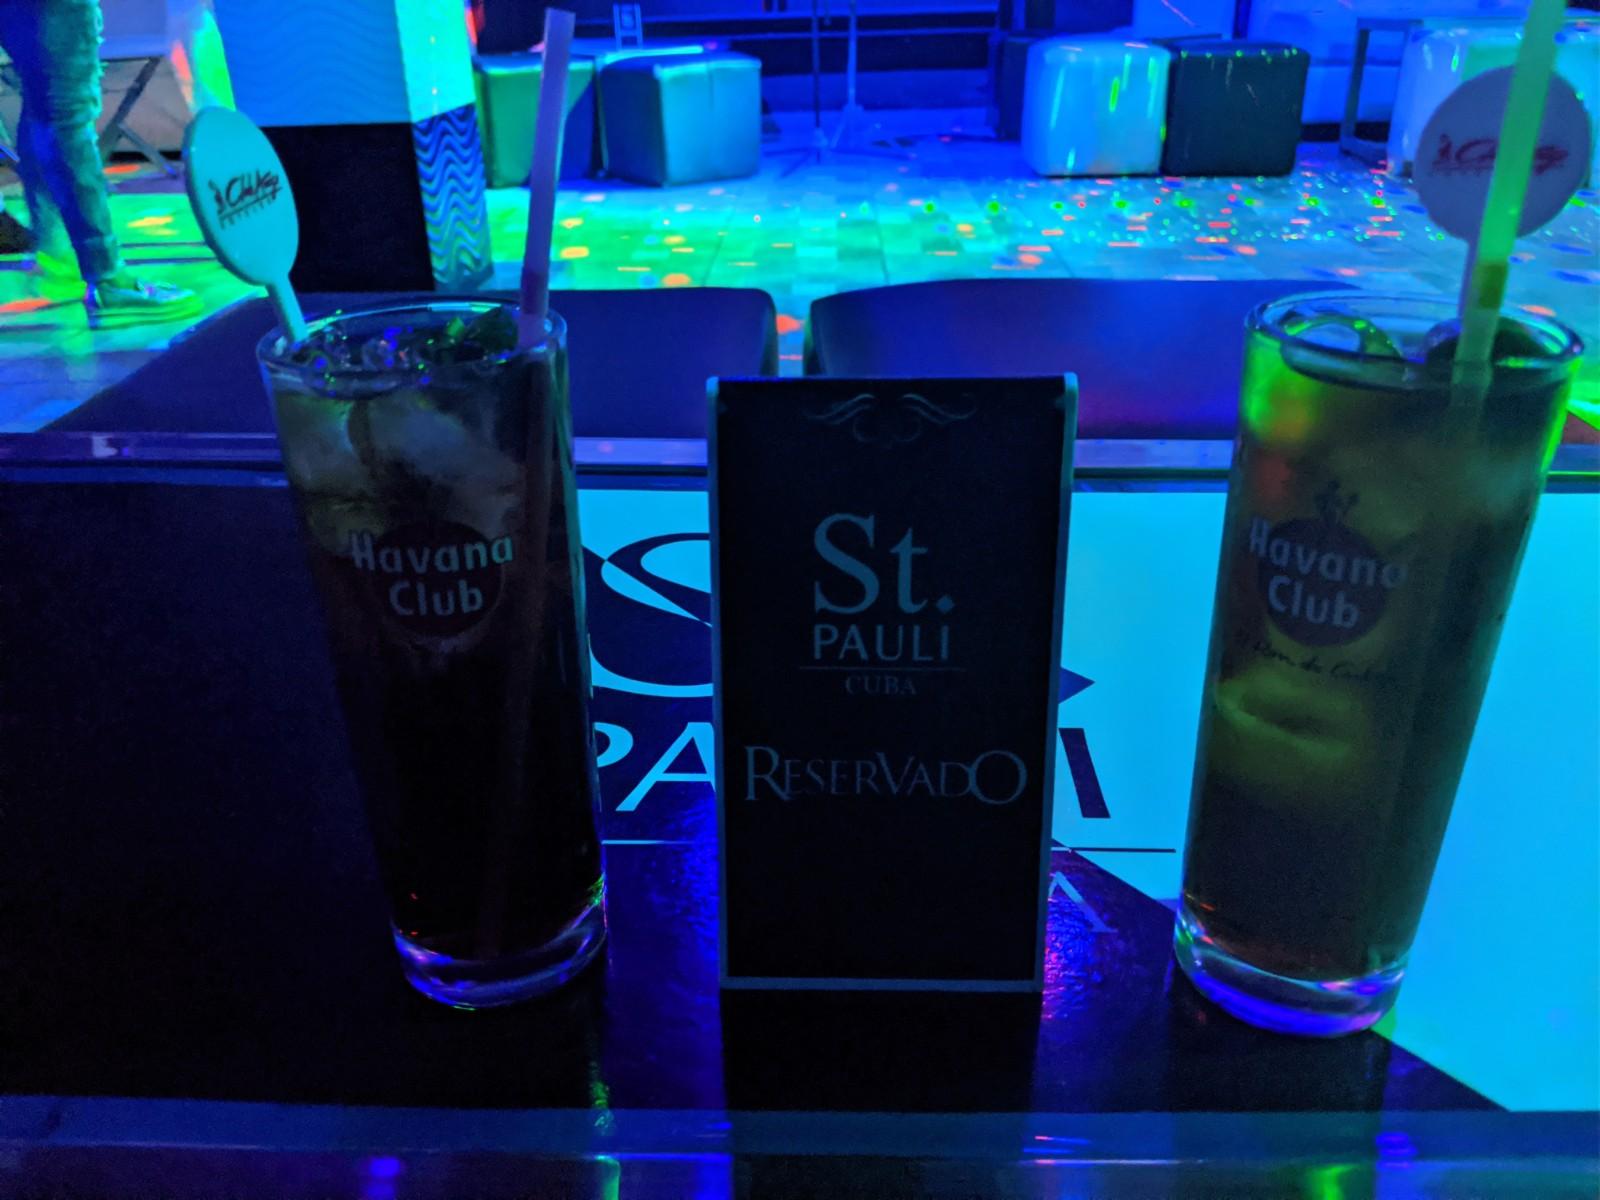 St Pauli Santiago de Cuba